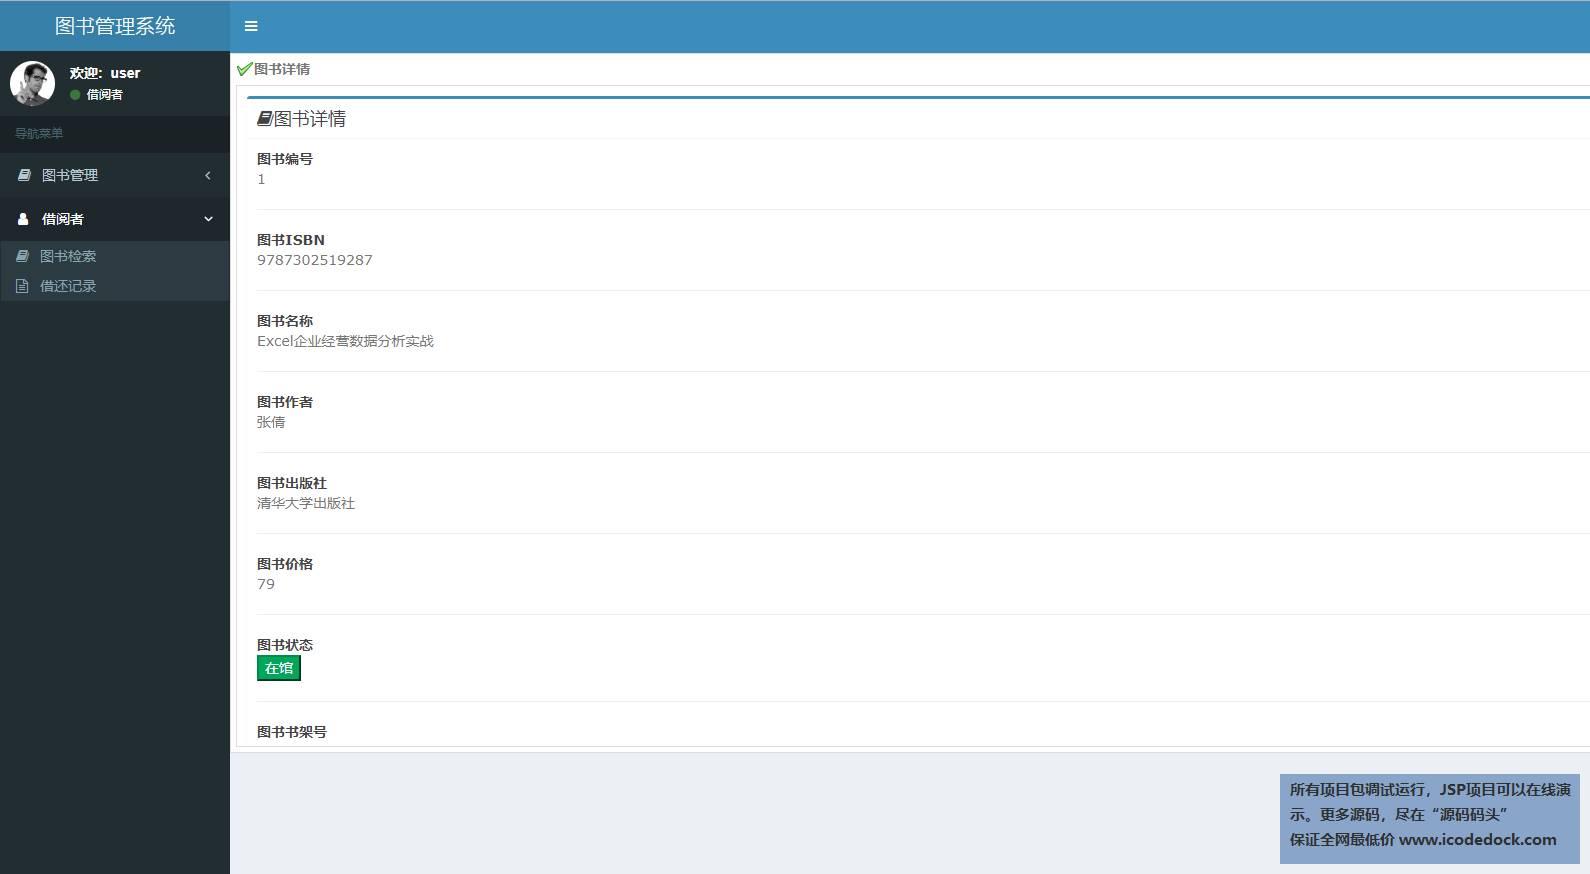 源码码头-SpringBoot图书管理系统-用户角色-查看图书详情